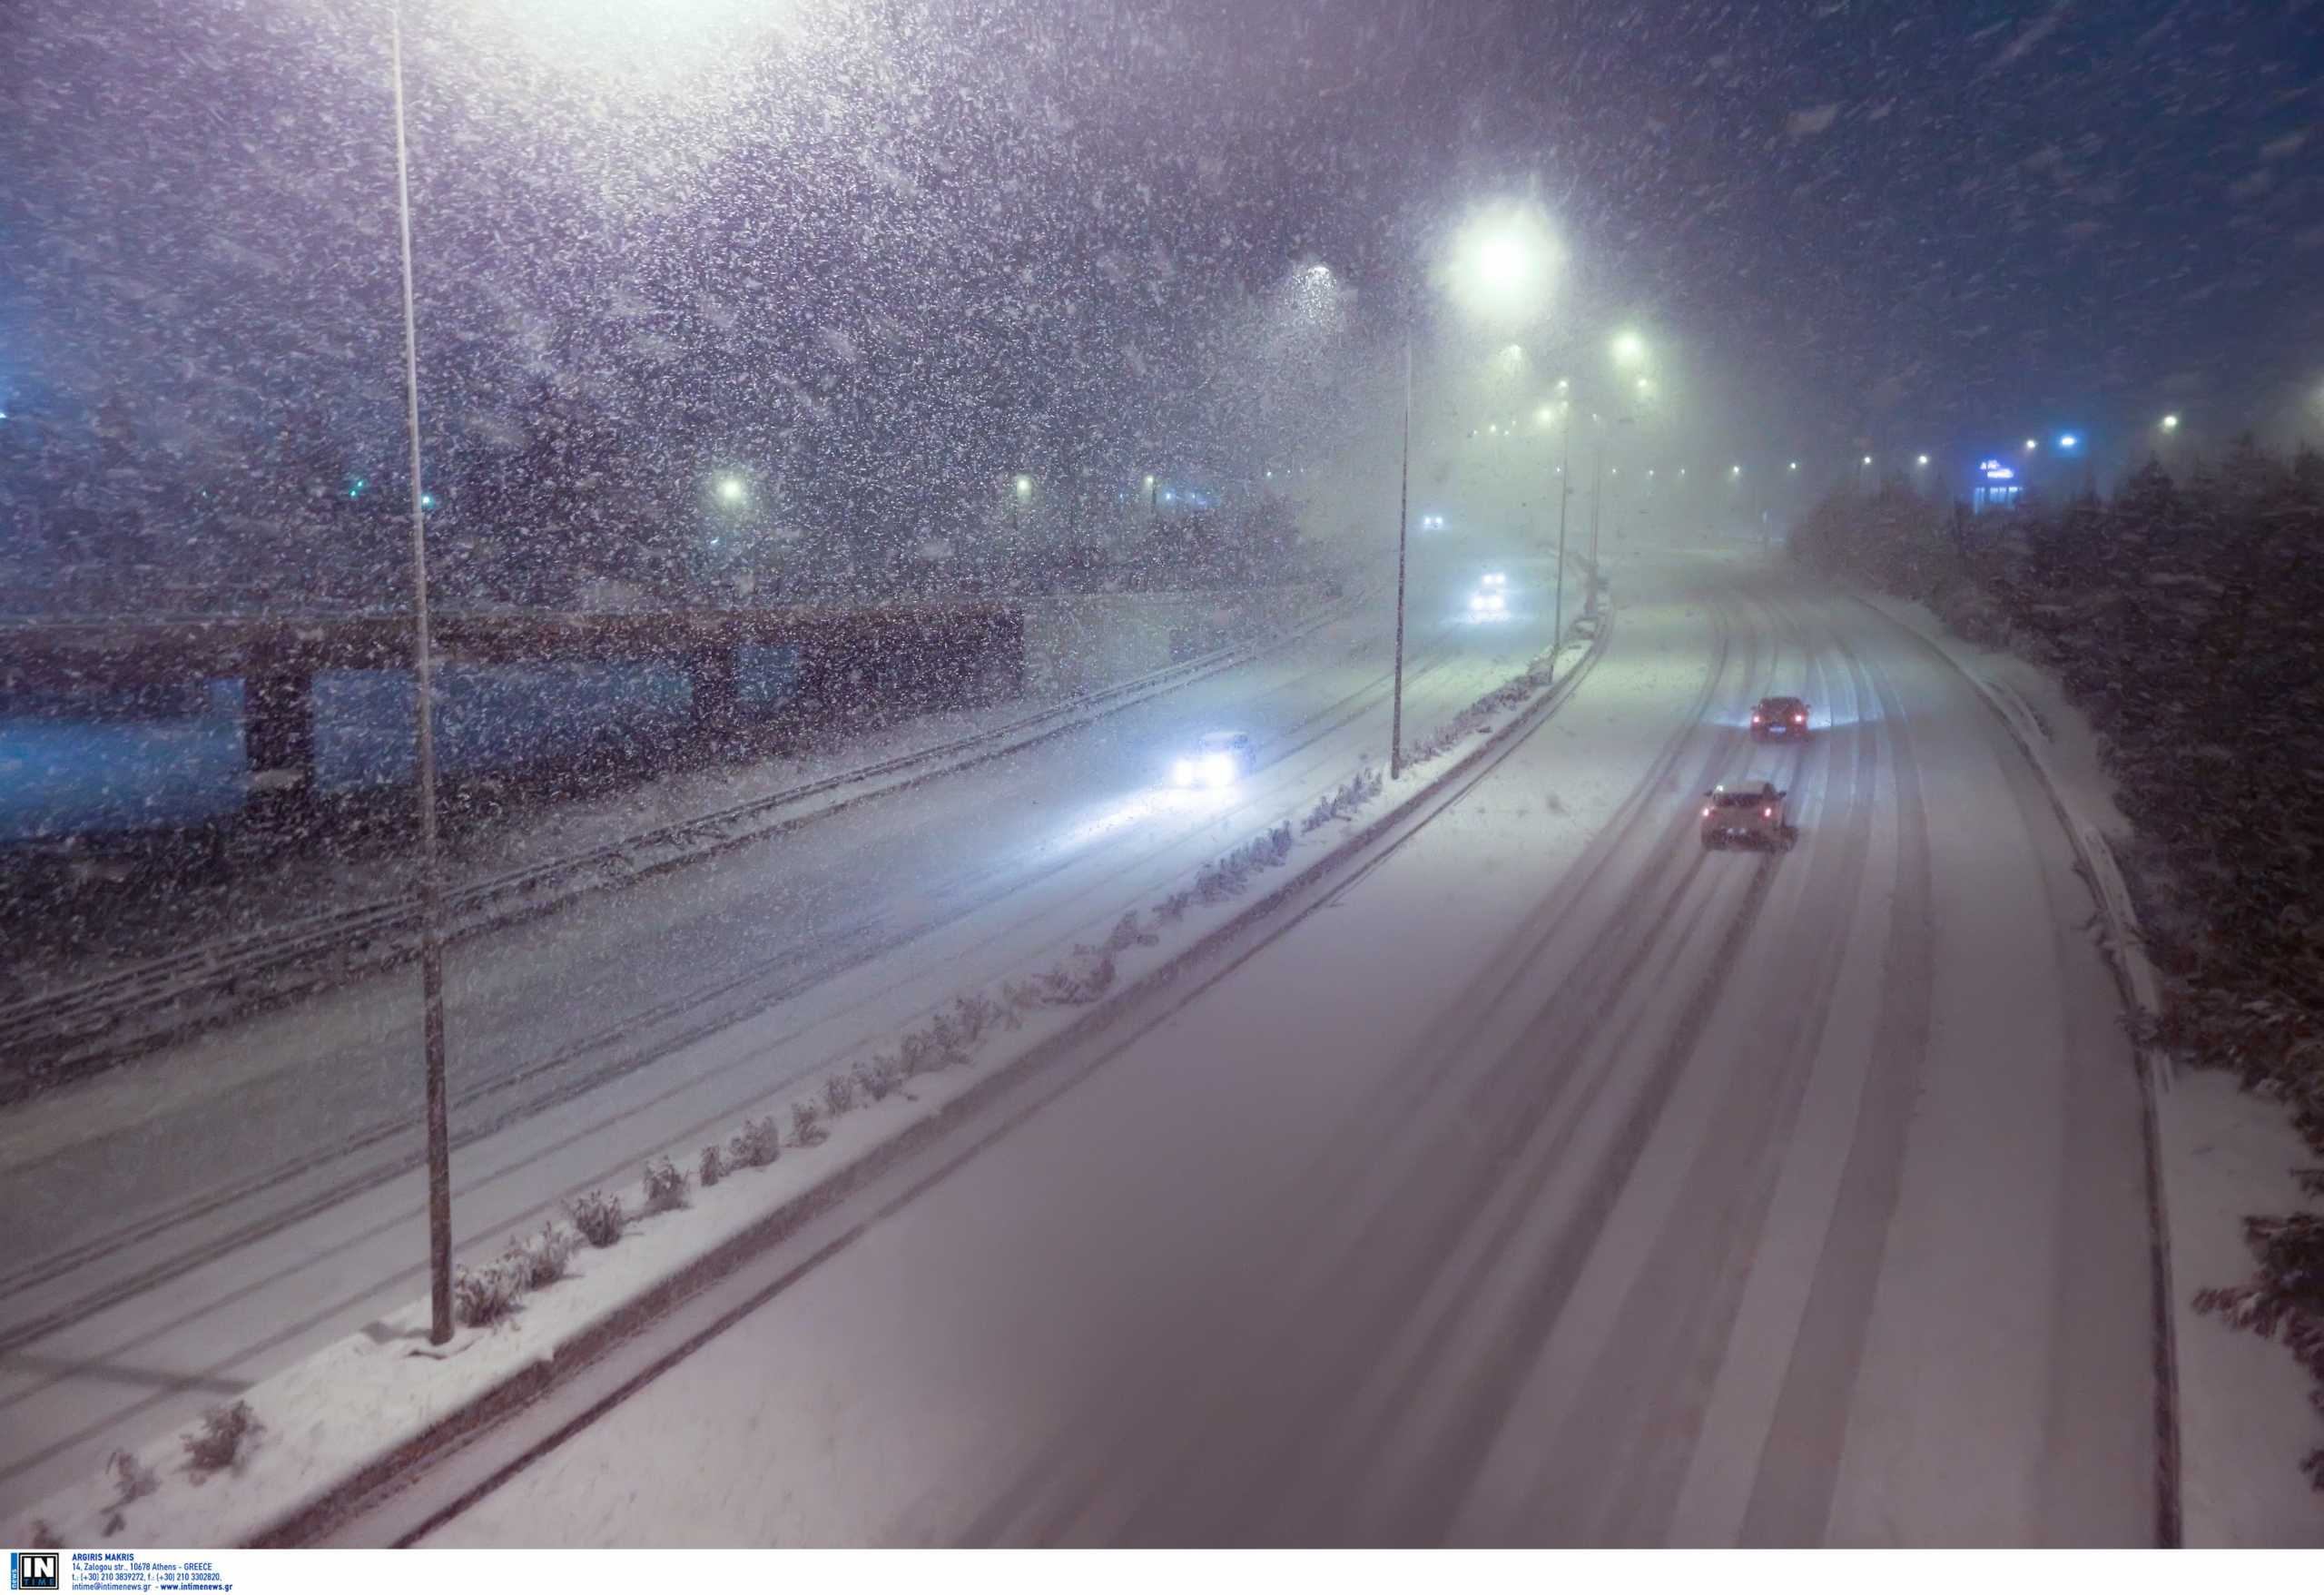 Καιρός σήμερα: Στην κατάψυξη όλη η χώρα – Χιονοθύελλες μέχρι 10 μποφόρ